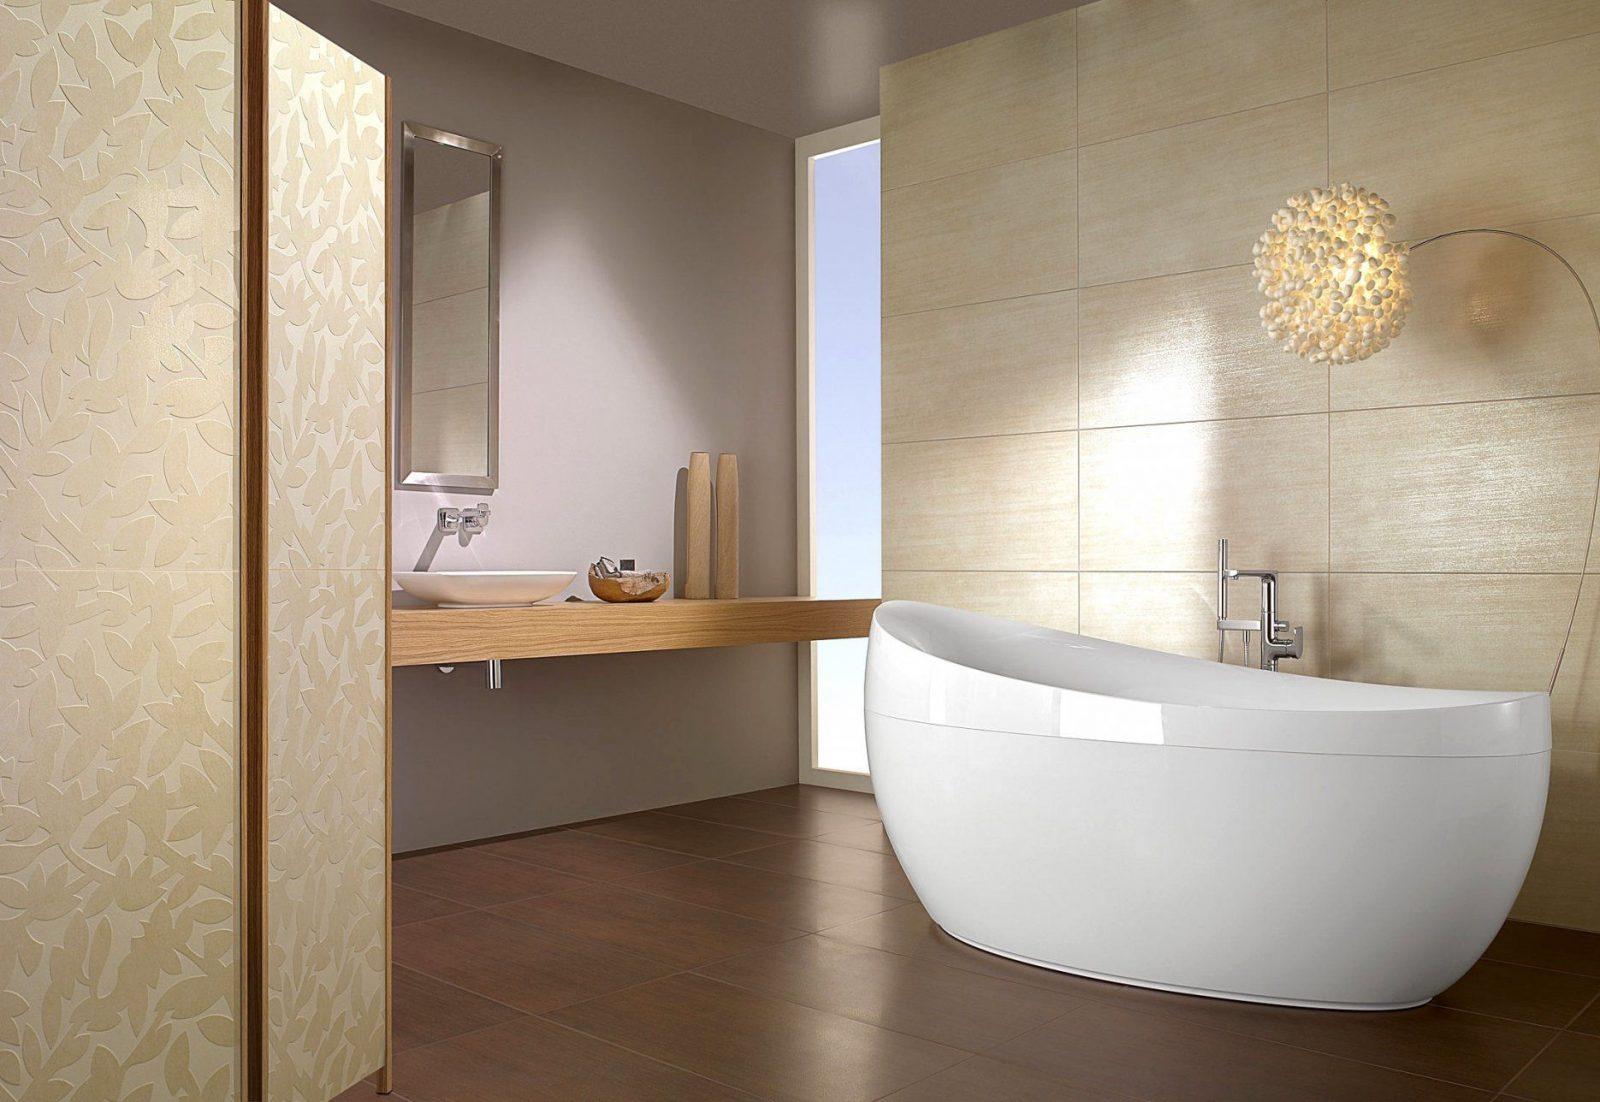 Moderne Dekoration Badezimmer Platten Wand Und Avec von Modernes Badezimmer Ohne Fliesen Photo